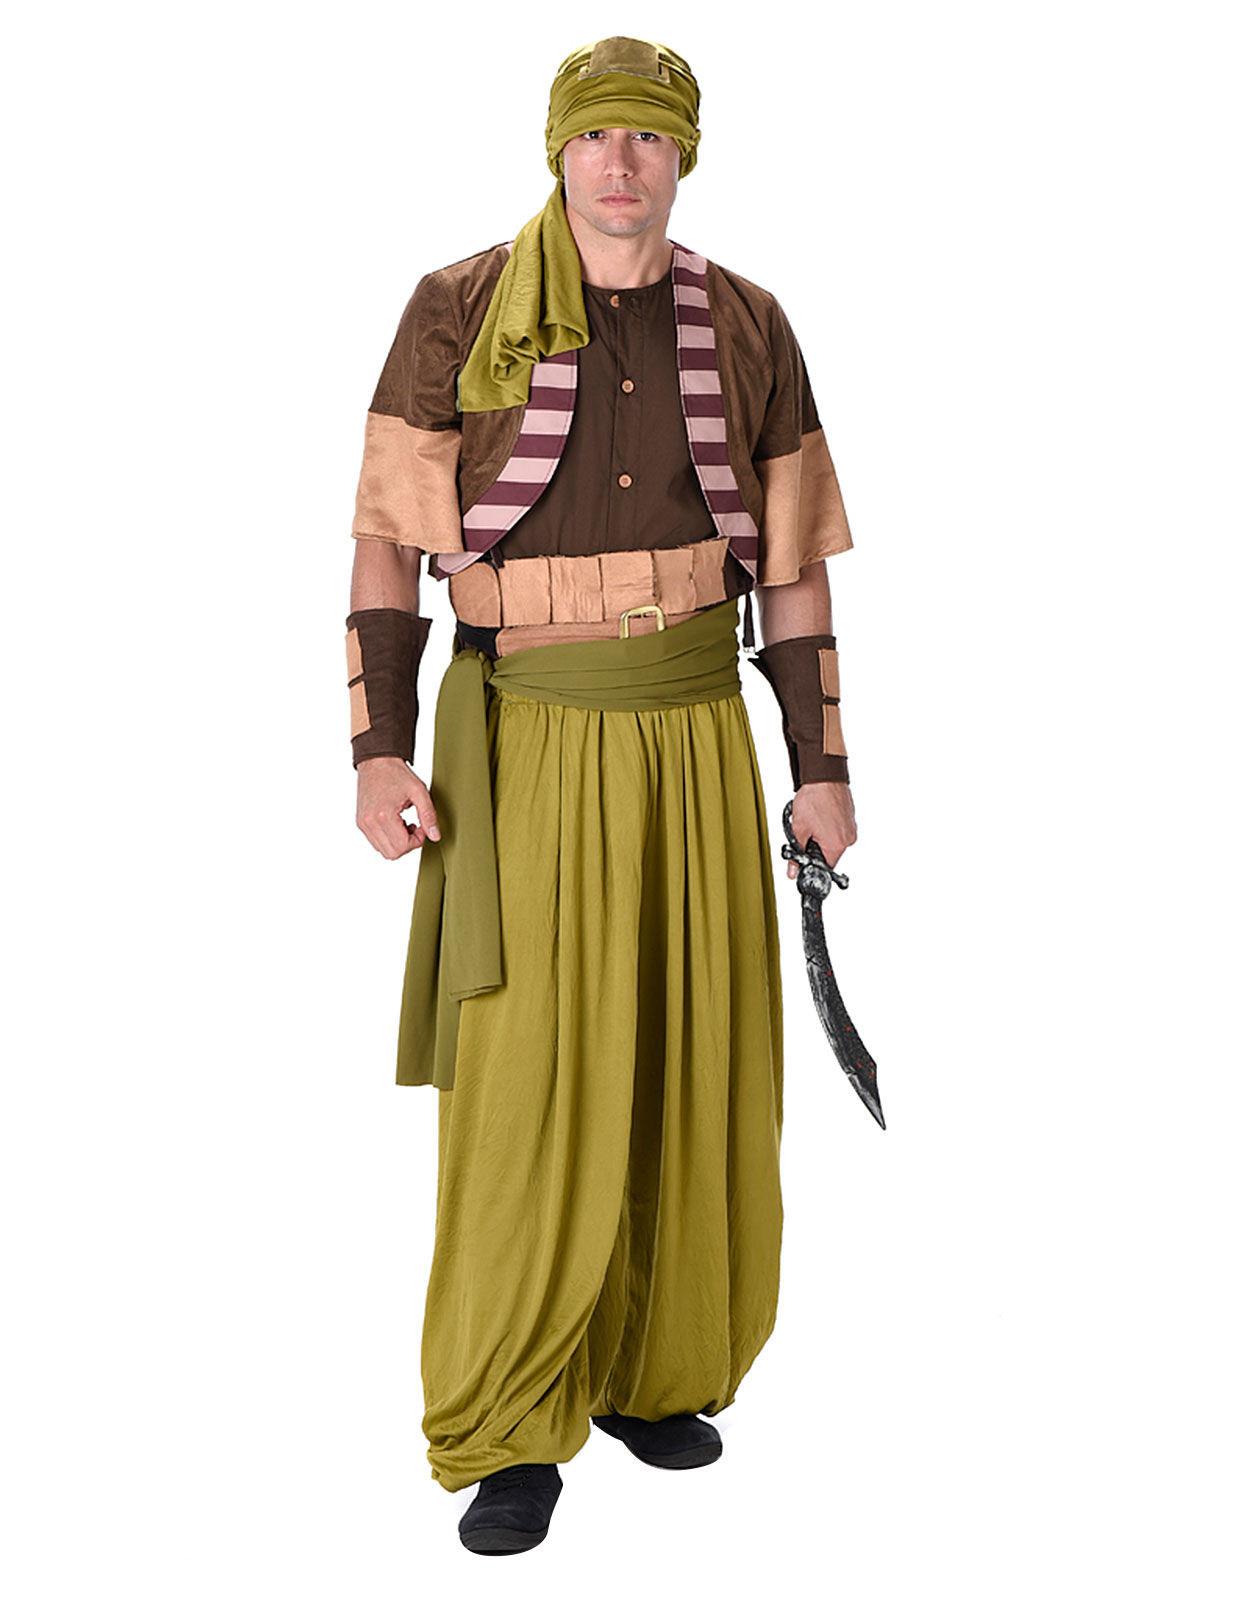 Wusten Krieger Kostum Orient Beige Braun Grun Gunstige Faschings